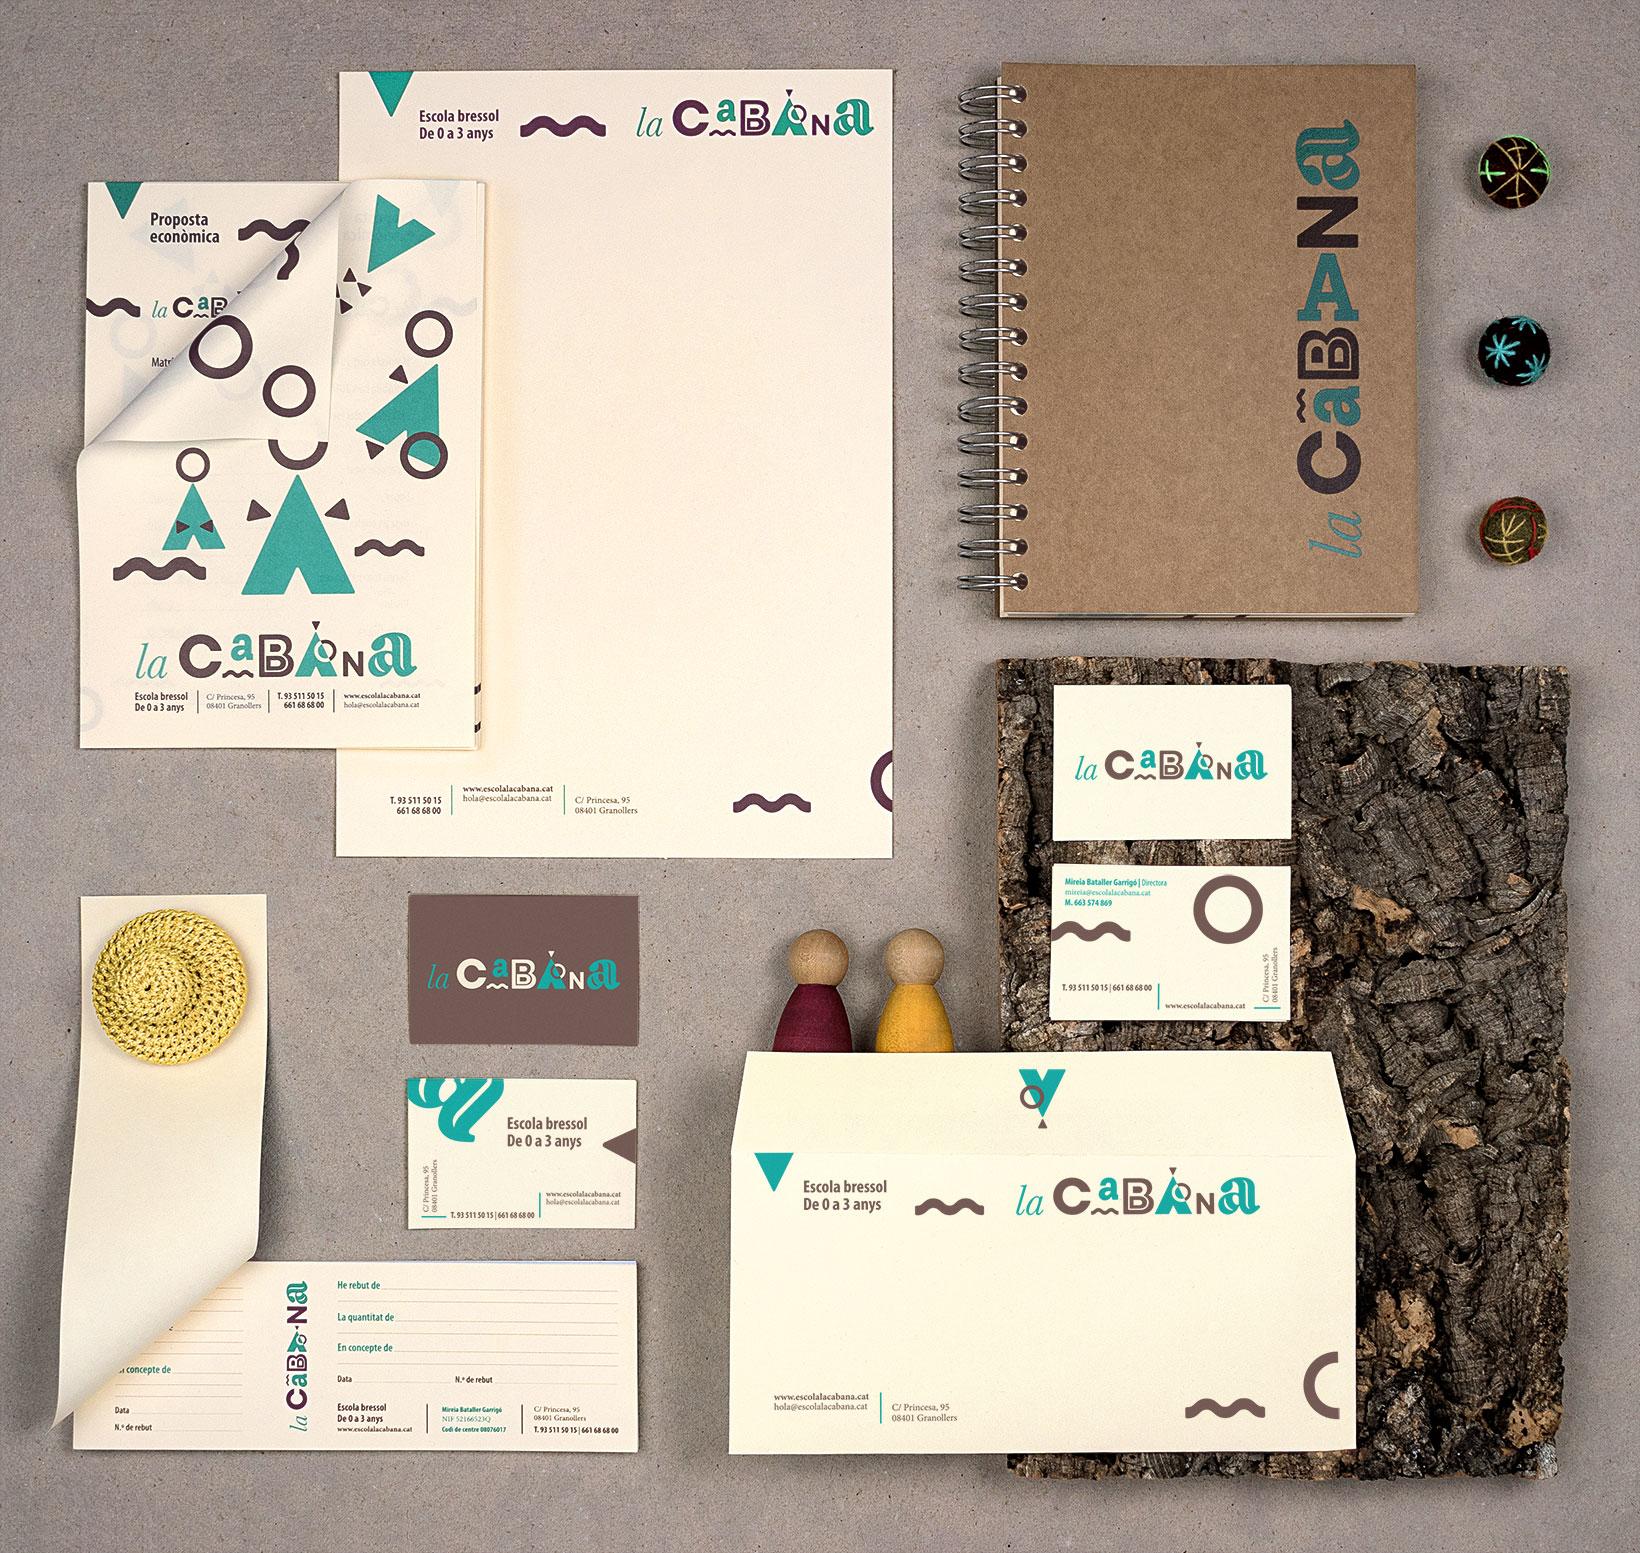 Papelería y tarjetas con aplicaciones del logotipo imagotip e identidad gráfica para la guardería La Cabana